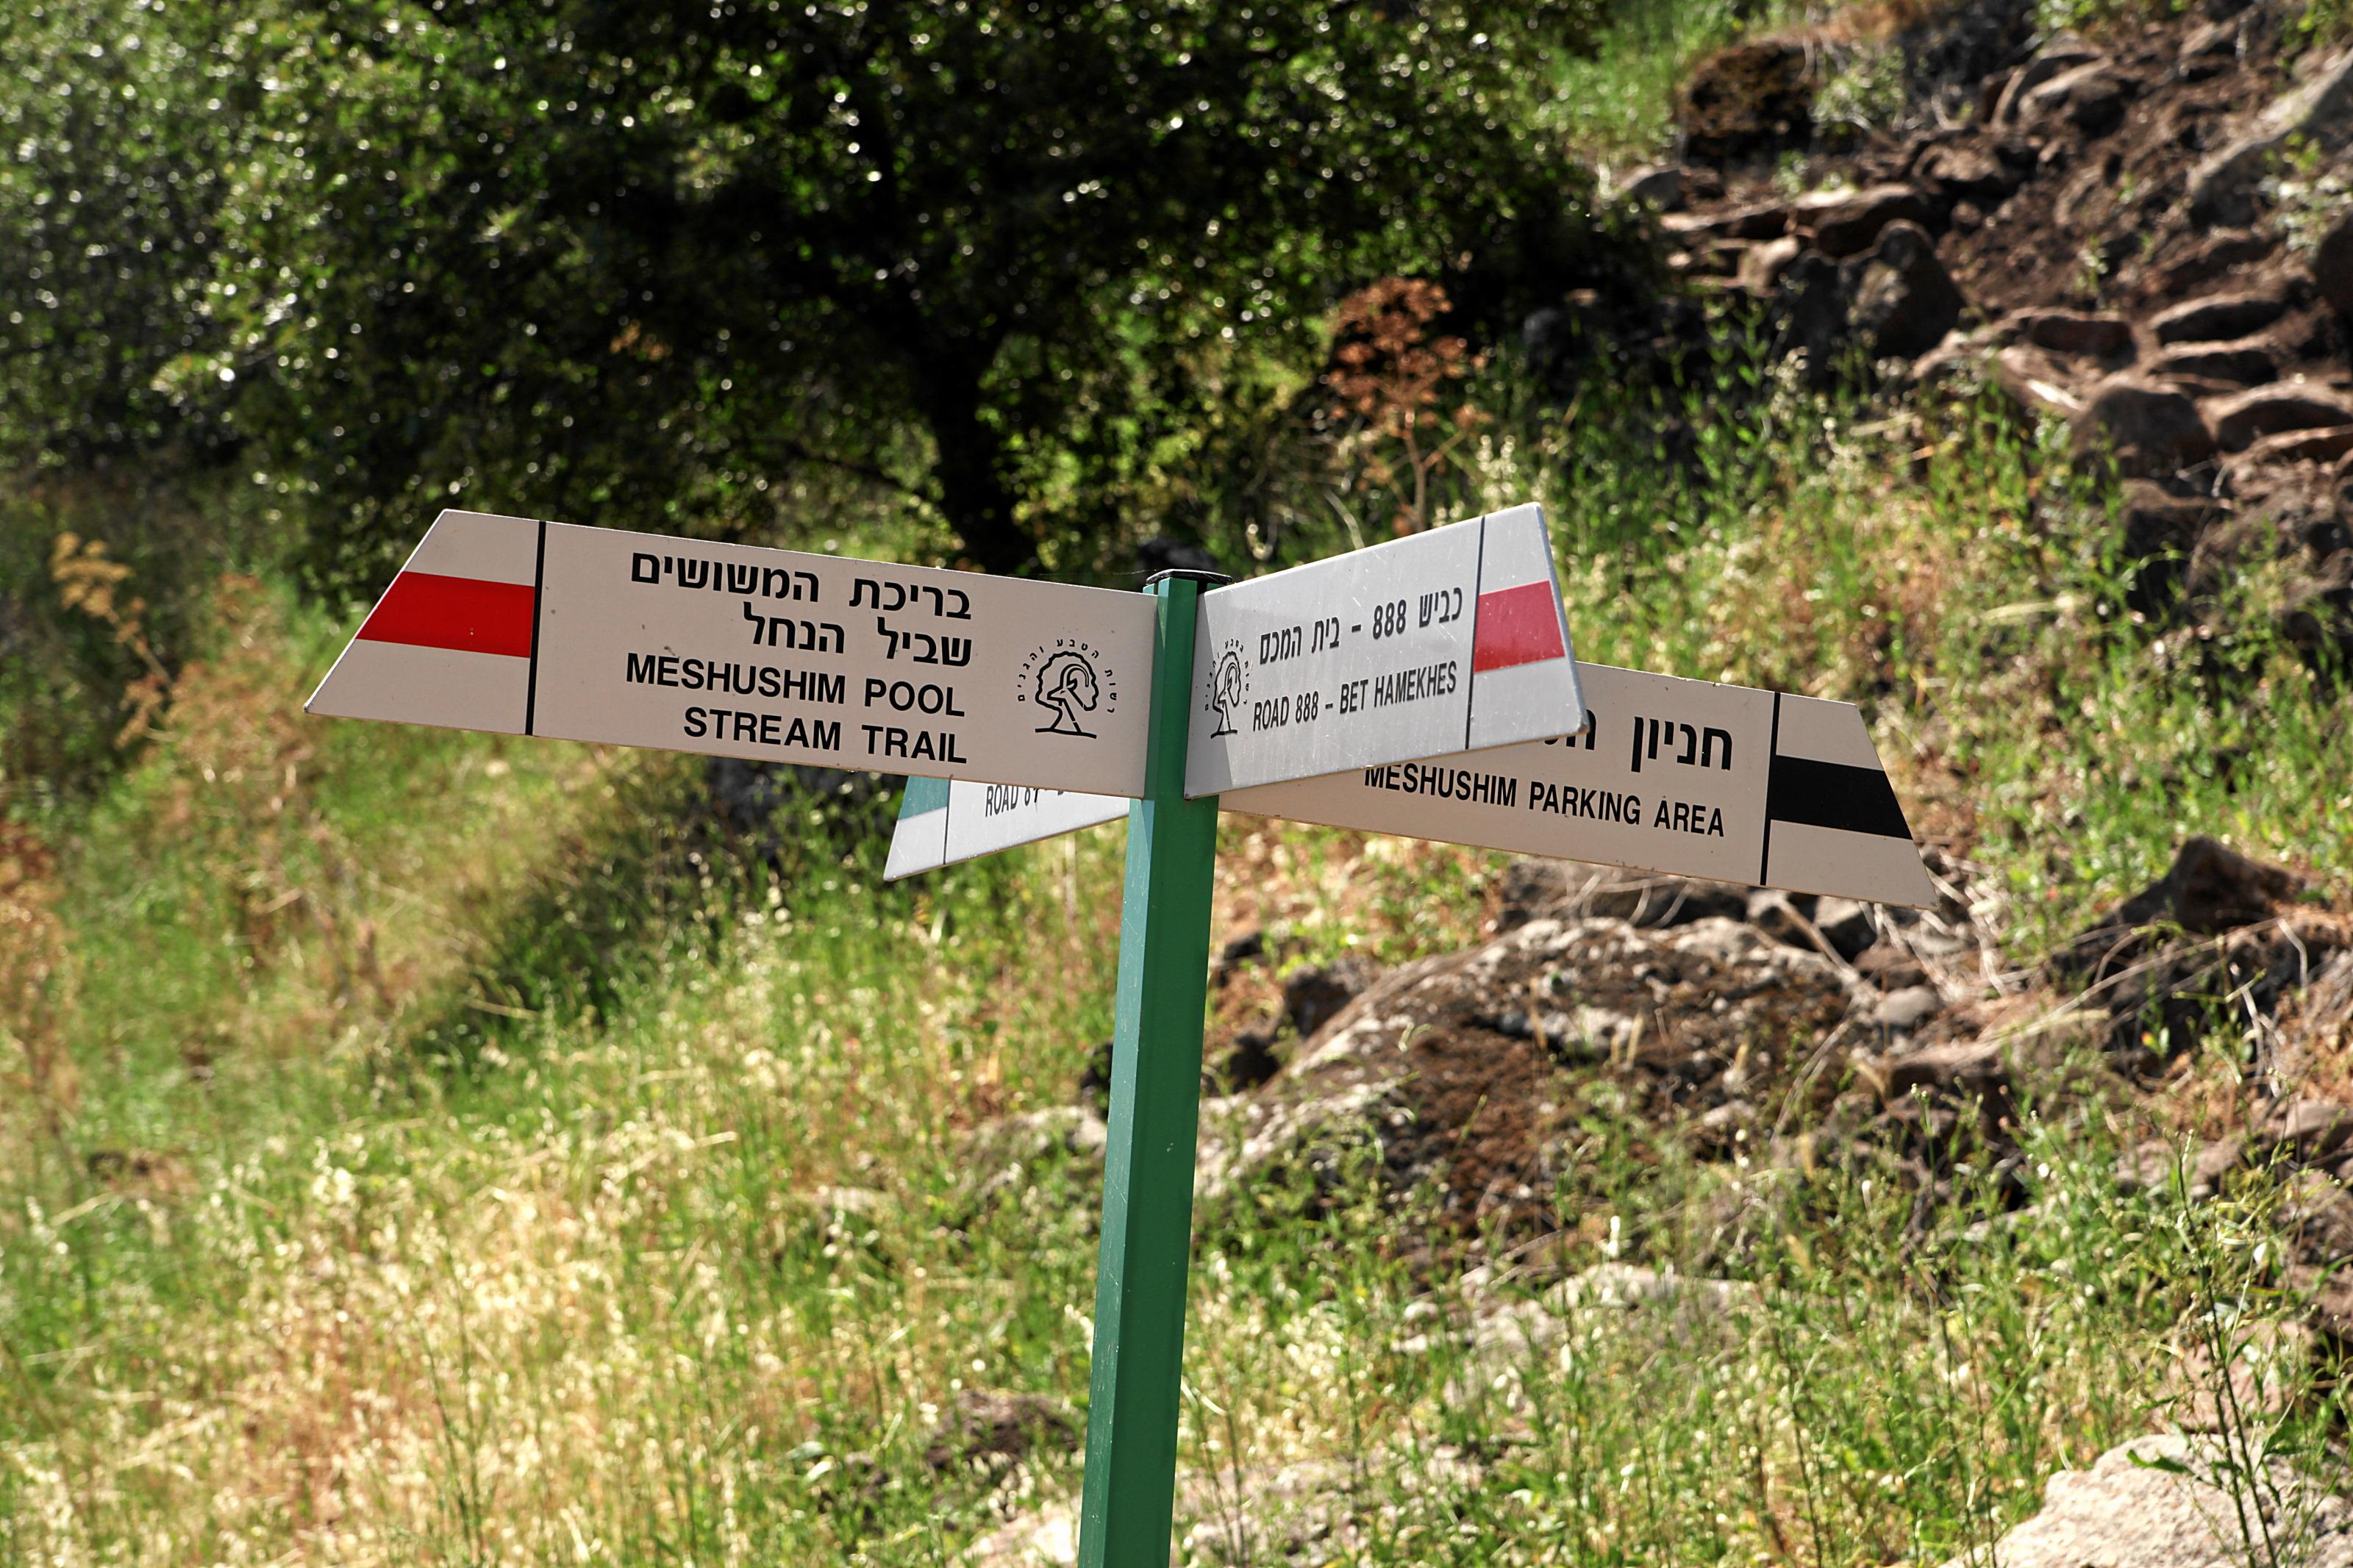 Baignade reserve Meshushim , activites dans le Golan, baignade en riviere, activités enfants, randonnée dans le nord, coupons de réduction